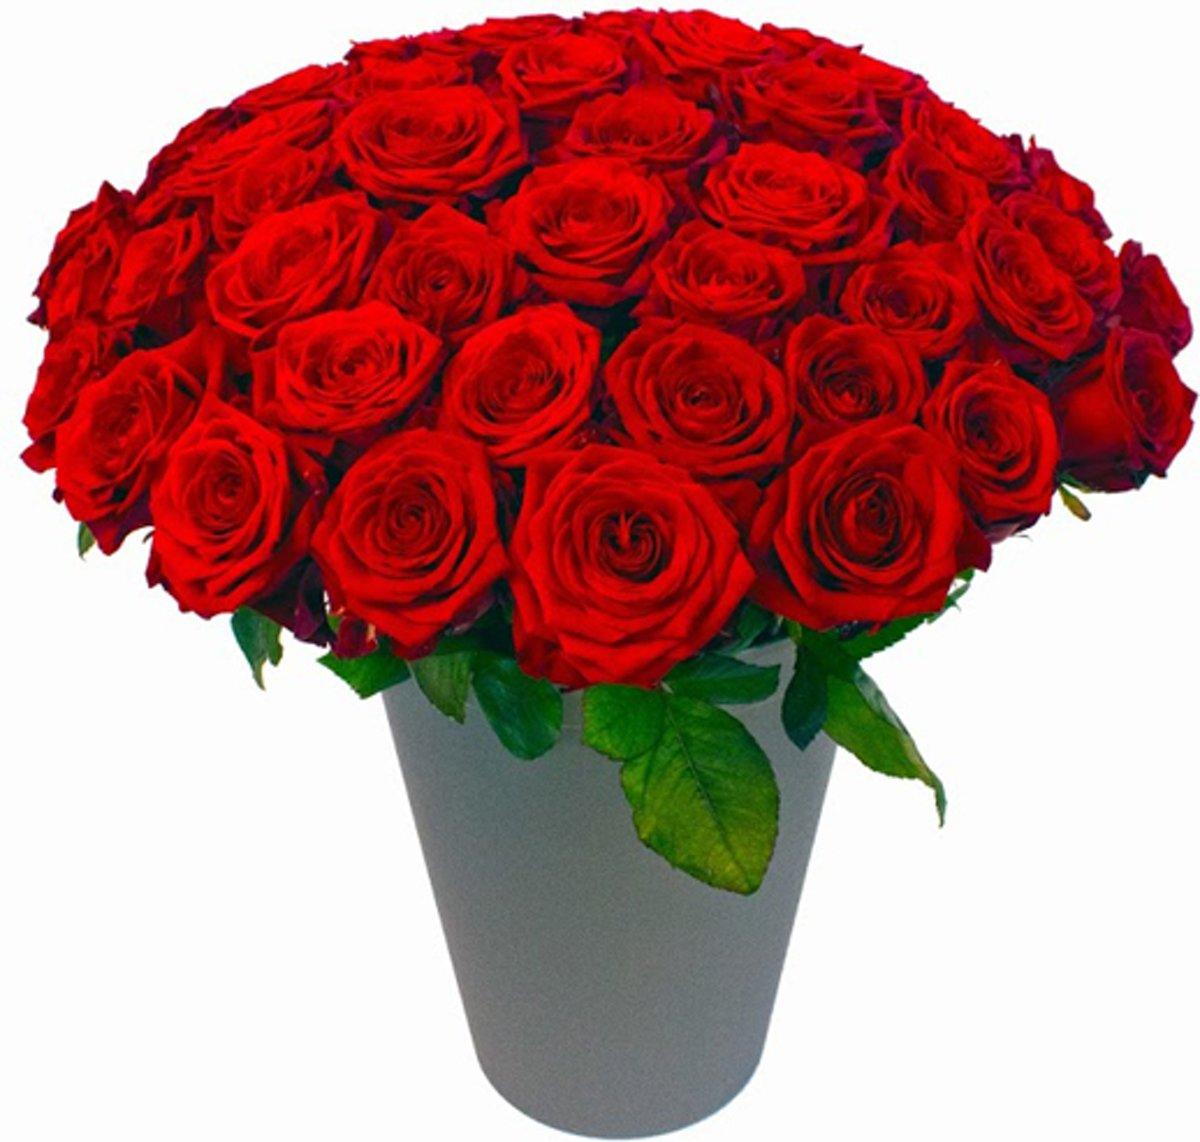 60 rode rozen in vaas kopen